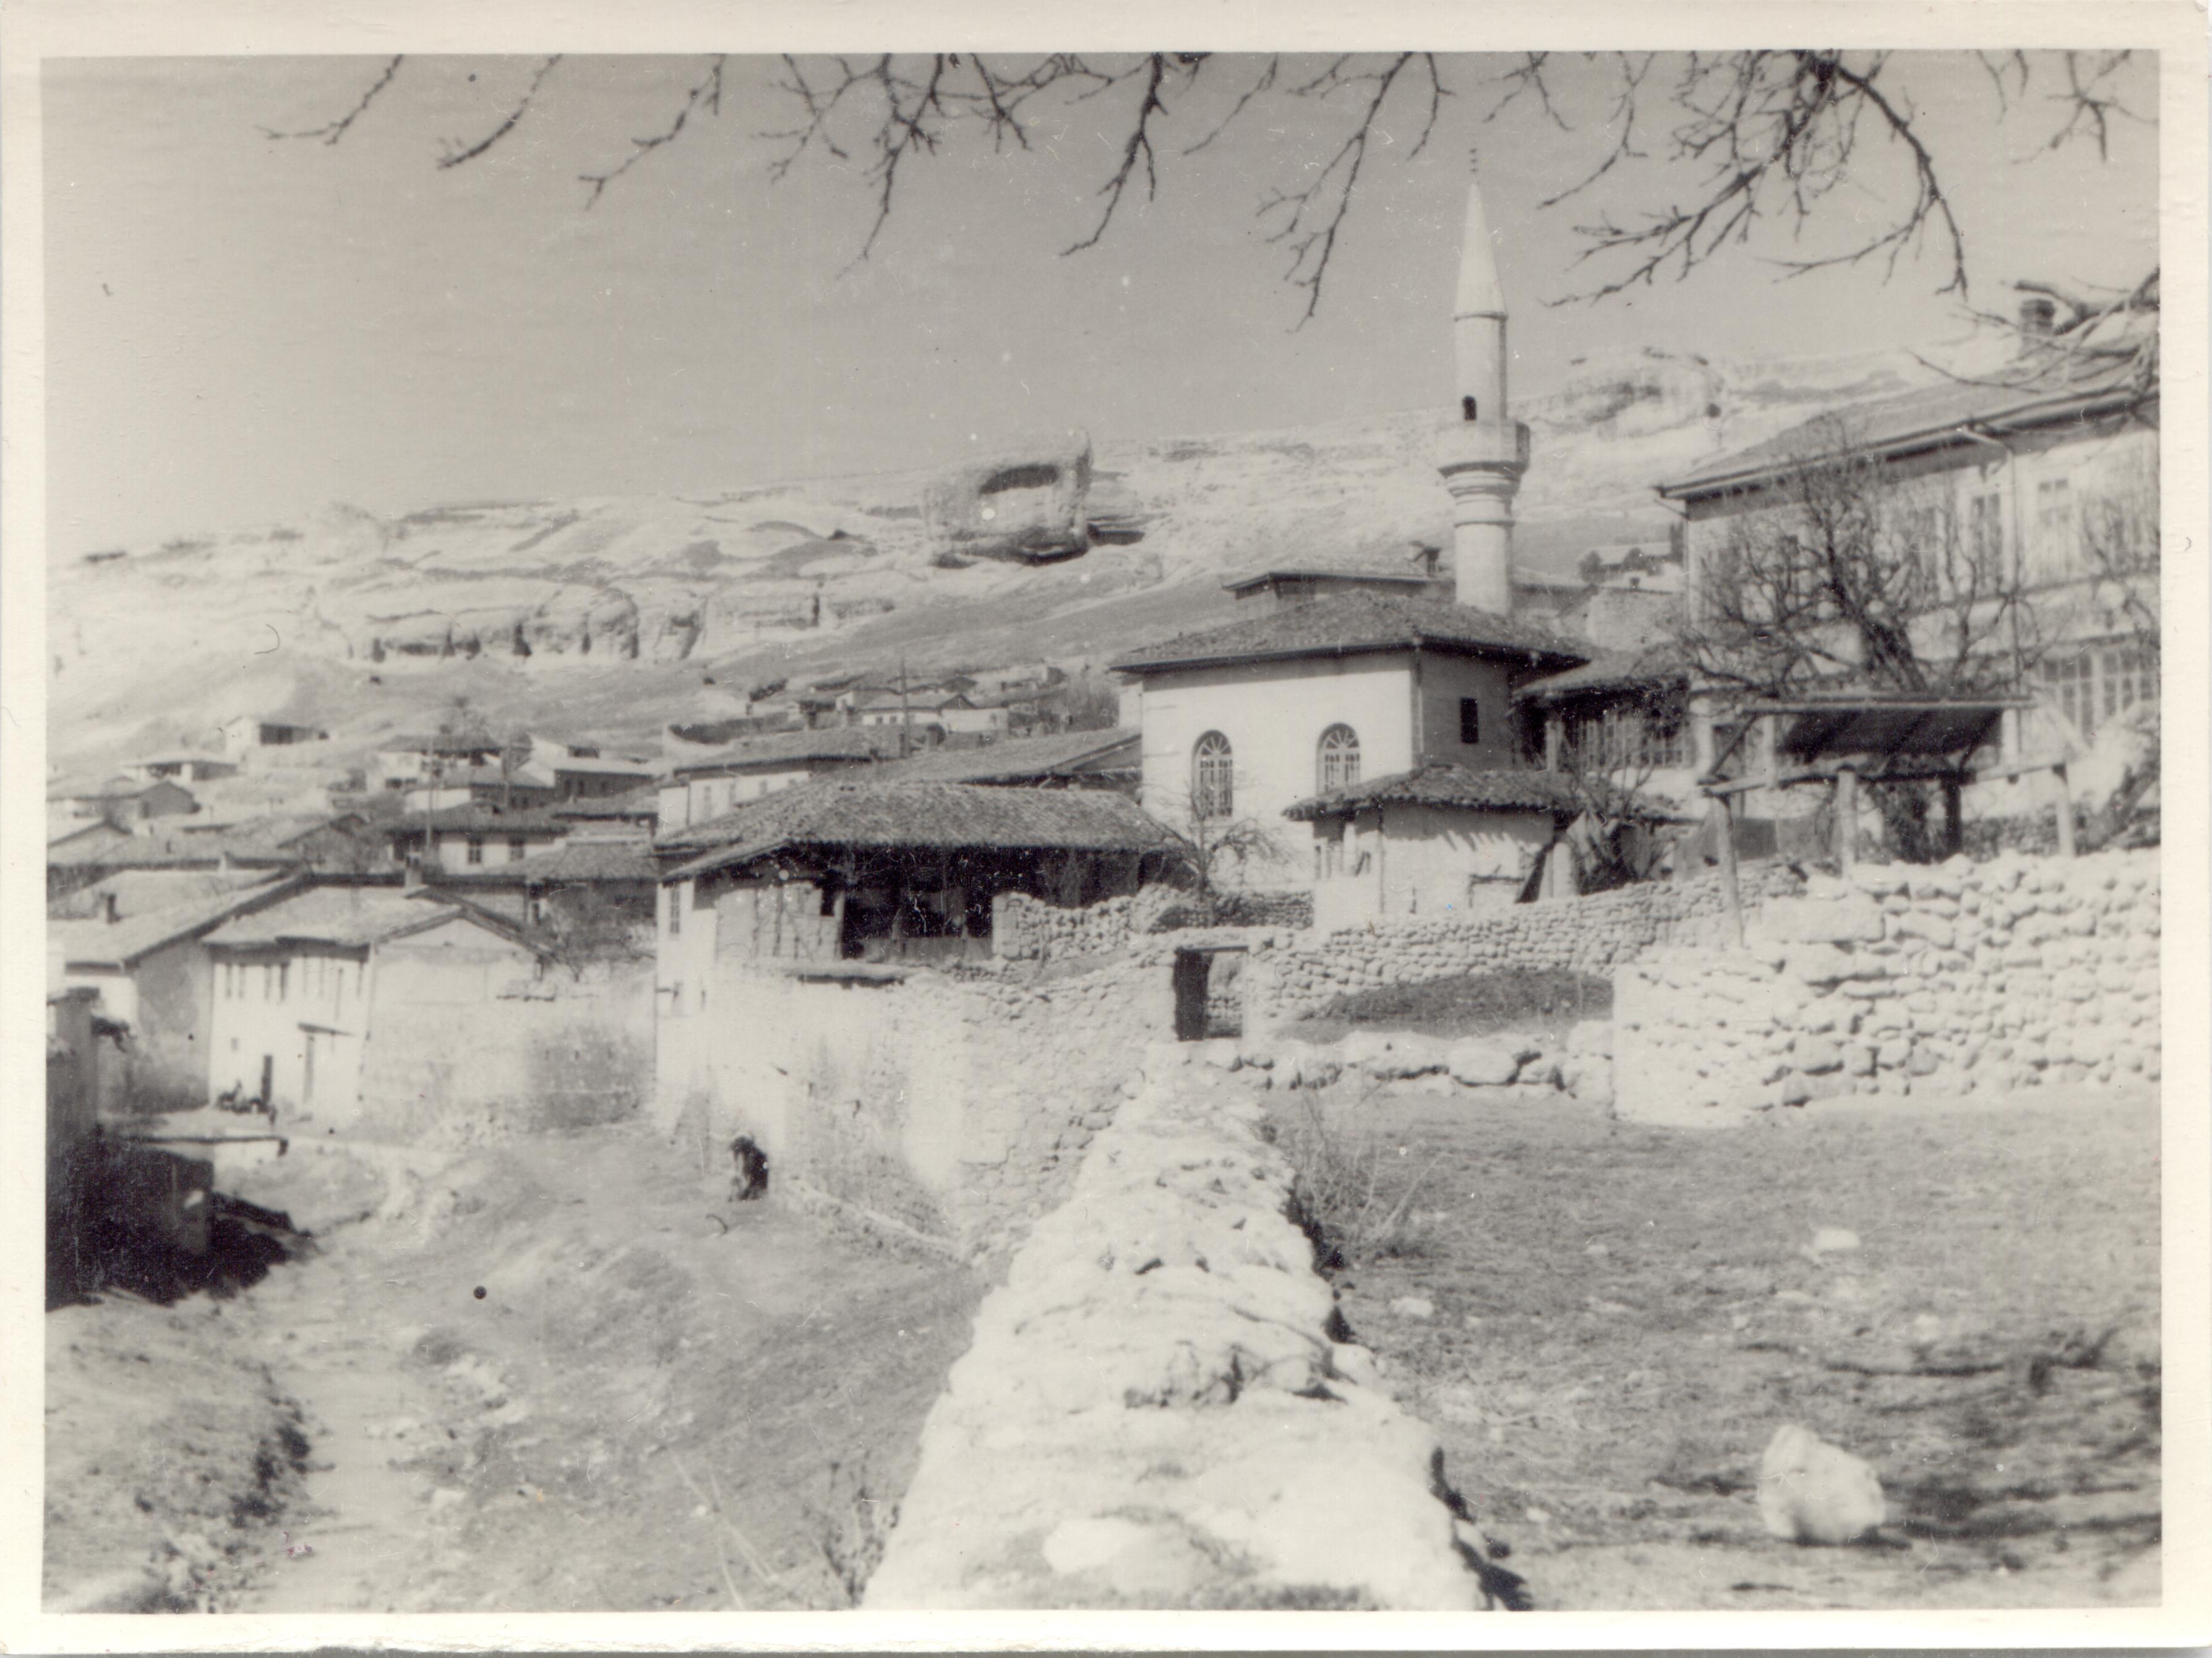 Бахчисарай времён Второй мировой войны.